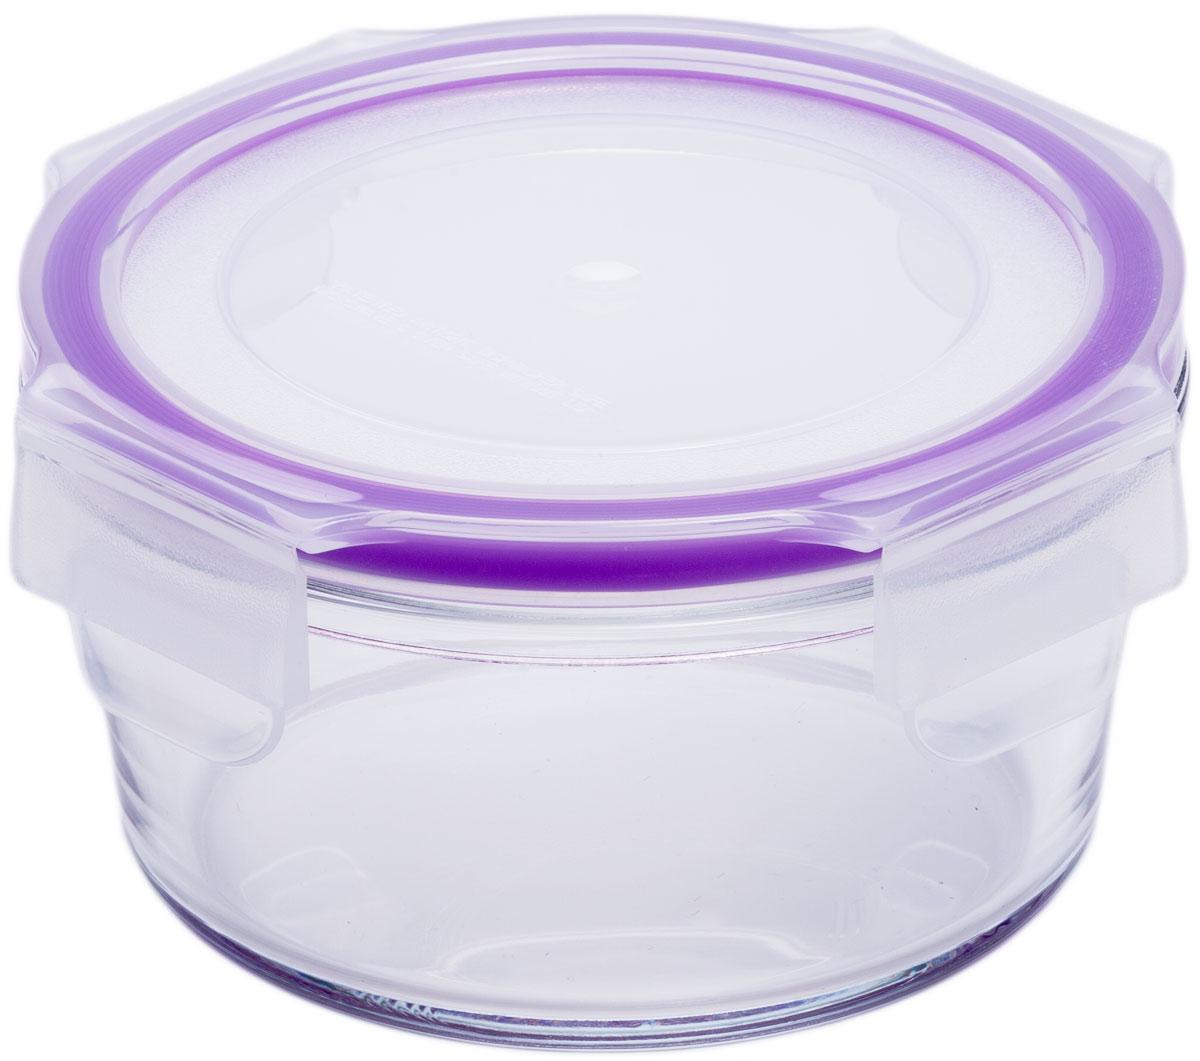 Контейнер пищевой Eley, цвет: баклажан , 370 млELH3801PКонтейнер круглый Eley 830 мл пищевой из жаропрочного боросиликатного стекла. 1. Подходит для использования в микроволновой печи и духовке (без крышки);2. Подходит для использования в холодильнике и морозильной камере; 3. Подходит для использования в посудомоечной машине;4. Можно использовать как форму для запекания (до +400 С). 5. Крышка Air Lock изготовлена из полипропилена и оснащена силиконовым уплотнителем, для обеспечения полной герметичности внутри контейнера.